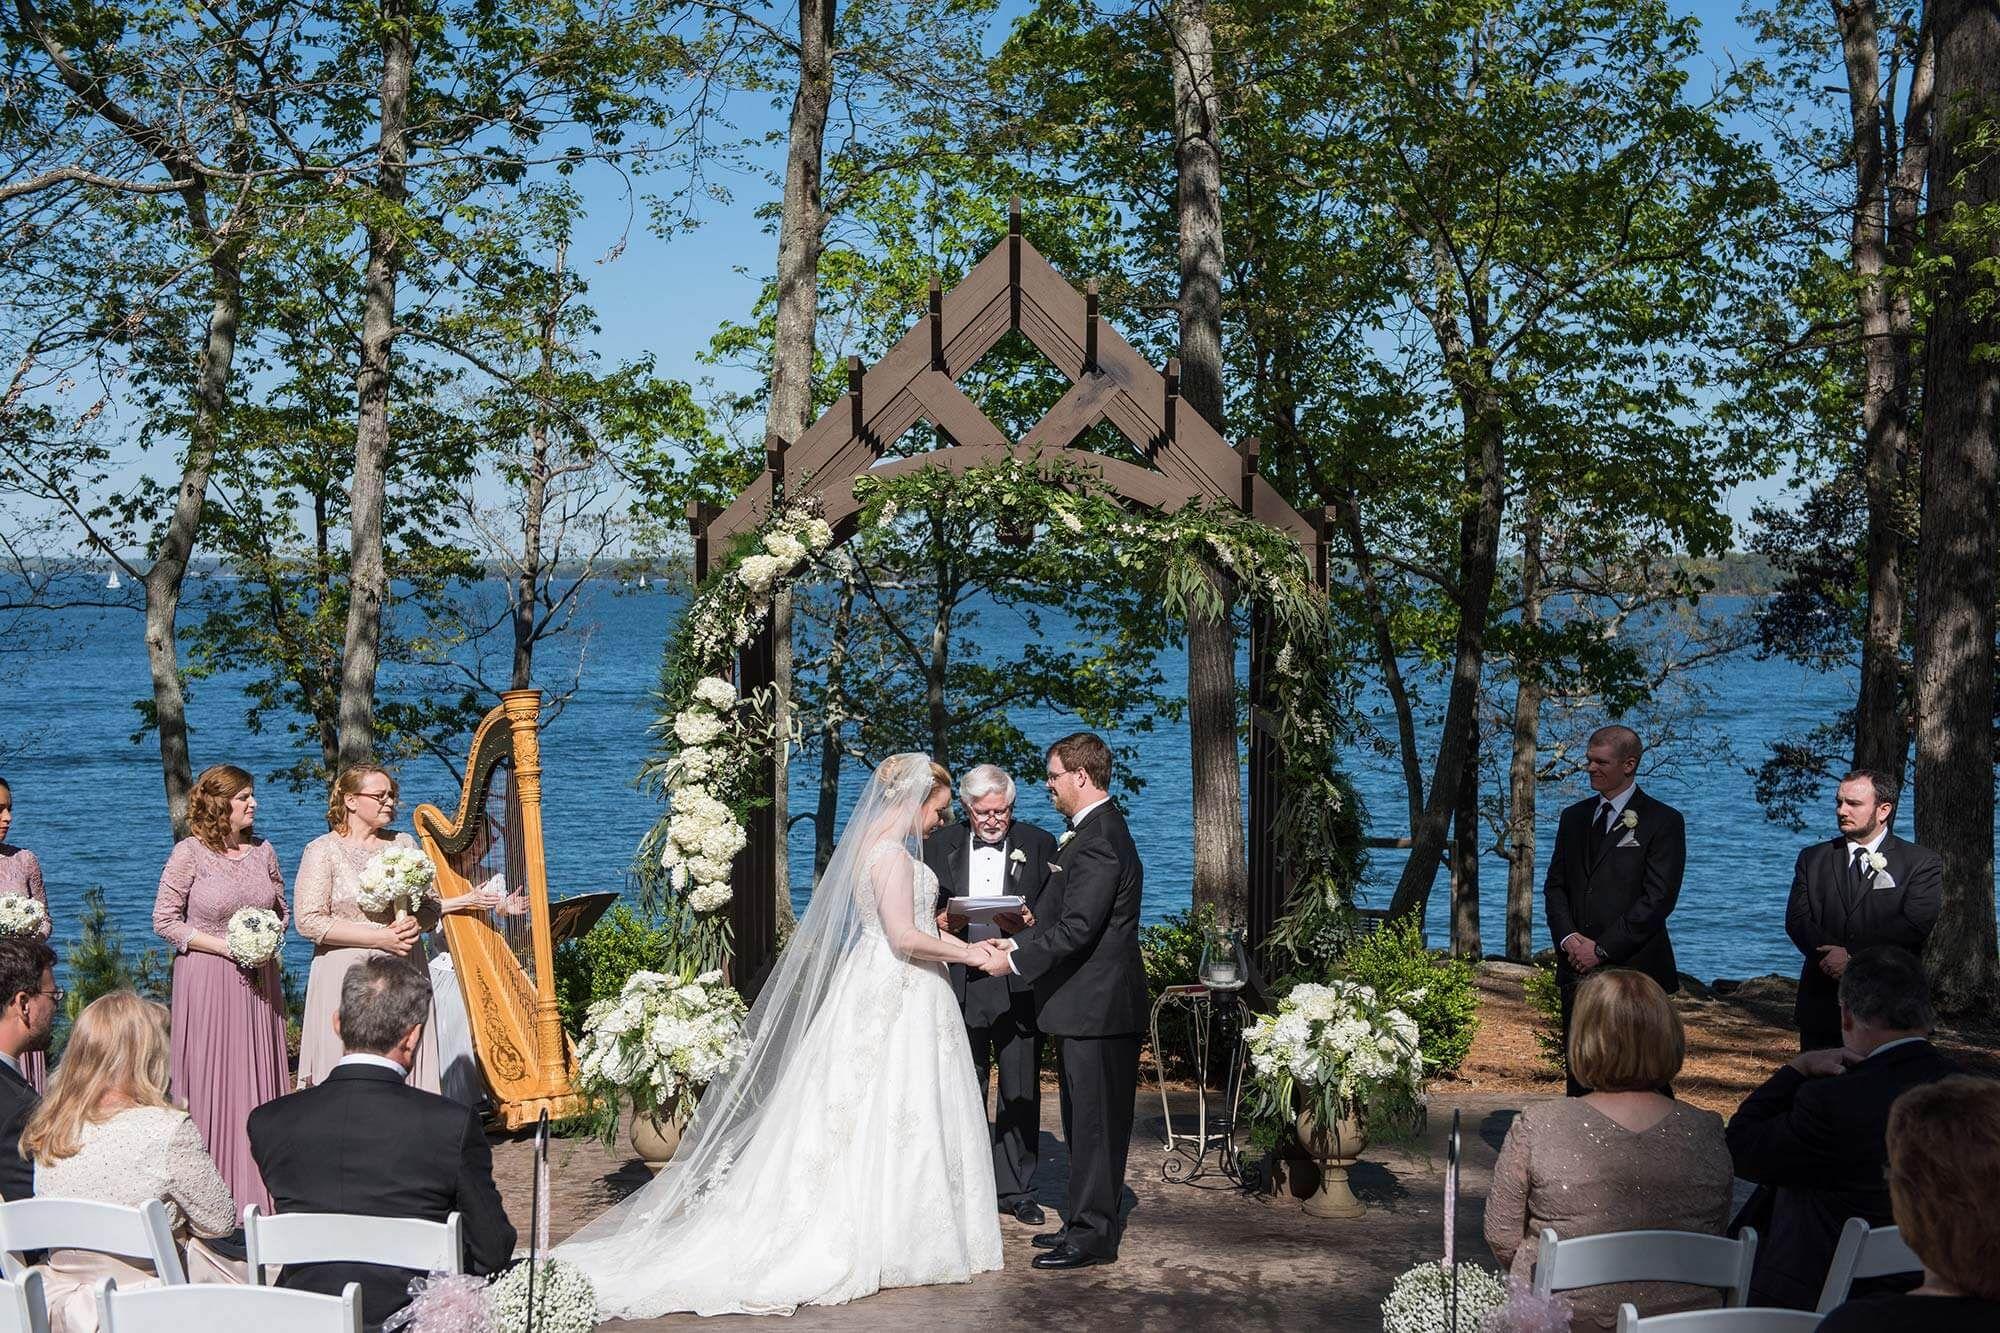 Wedding Venues In Georgia | Lanier Islands   Wedding Packages in